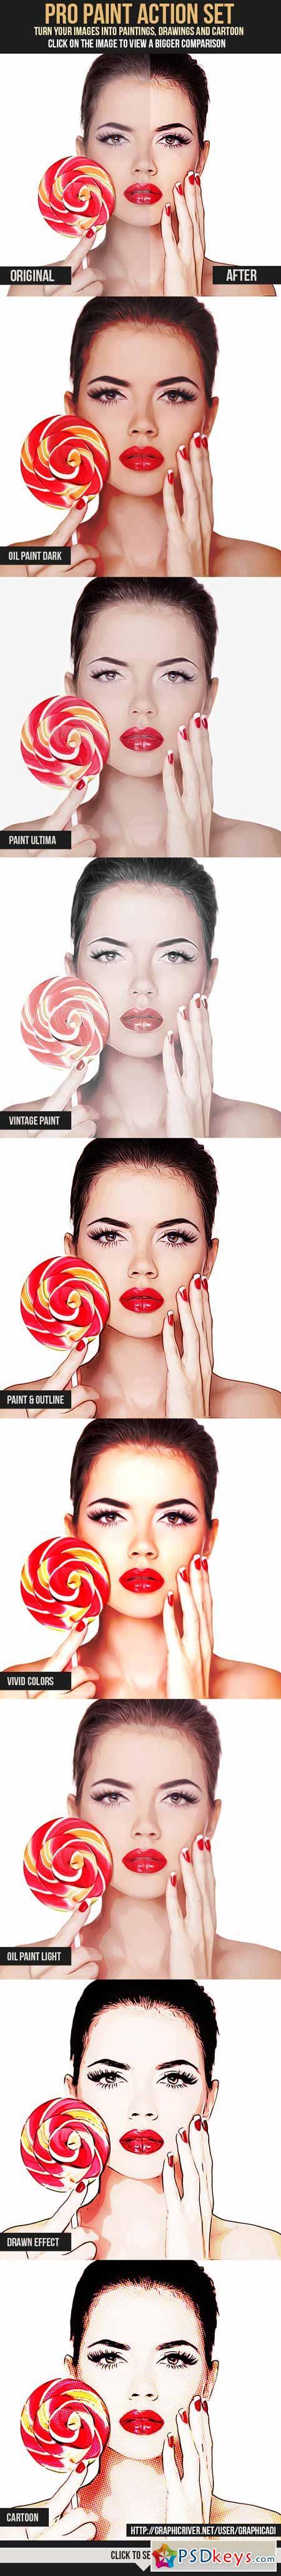 Pro Paint Action Set 7795194